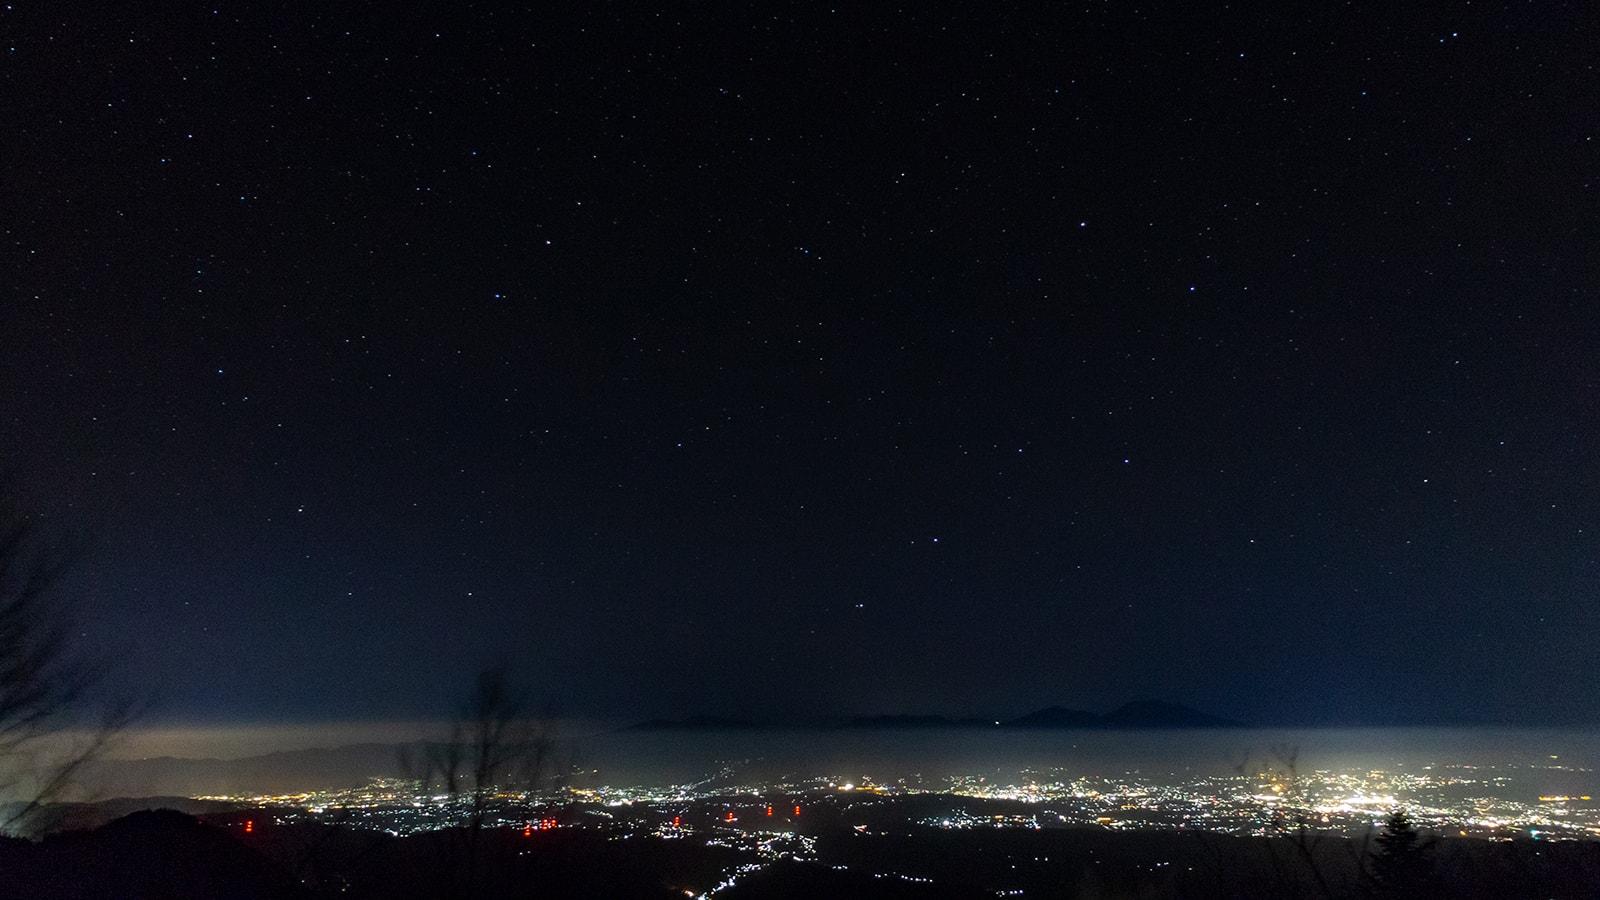 佐久市にある大河原峠からは佐久平の夜景と星空の大パノラマが広がる